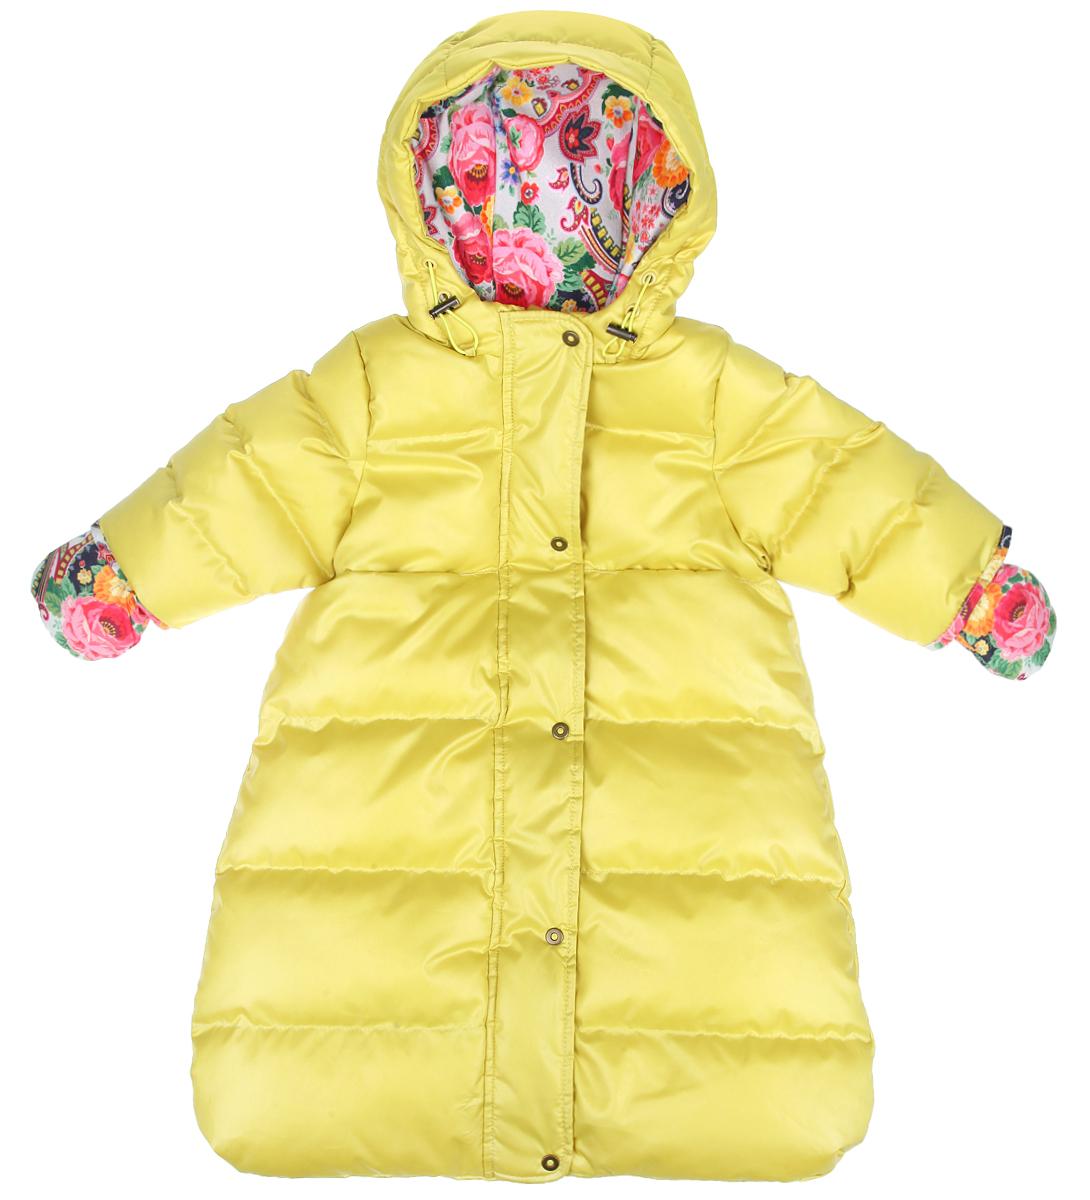 Конверт для девочки. 48-10248-102Мягкий утепленный конверт для девочки Ёмаё идеально подойдет для вашей малышки в холодное время года. Выполненный из водоотталкивающей ткани на хлопковой подкладке, с утеплителем из полиэстера (синтепуха), он удивительно мягкий и приятный на ощупь, не сковывает движения и хорошо сохраняет тепло. Конверт-комбинезон с рукавами и капюшоном спереди застегивается на металлическую застежку-молнию и дополнительно имеет внешний ветрозащитный клапан на кнопках, а также защиту подбородка. Капюшон по краю присборен на скрытую эластичную резинку со стопперами. Подкладка капюшона оформлена ярким цветочным принтом. Спереди предусмотрены два прорезных кармашка. В комплект входят рукавички на текстильном шнурочке, благодаря чему они не потеряются. Рукавички оформлены ярким цветочным принтом. В таком конверте вашей малышке всегда будет тепло и уютно!